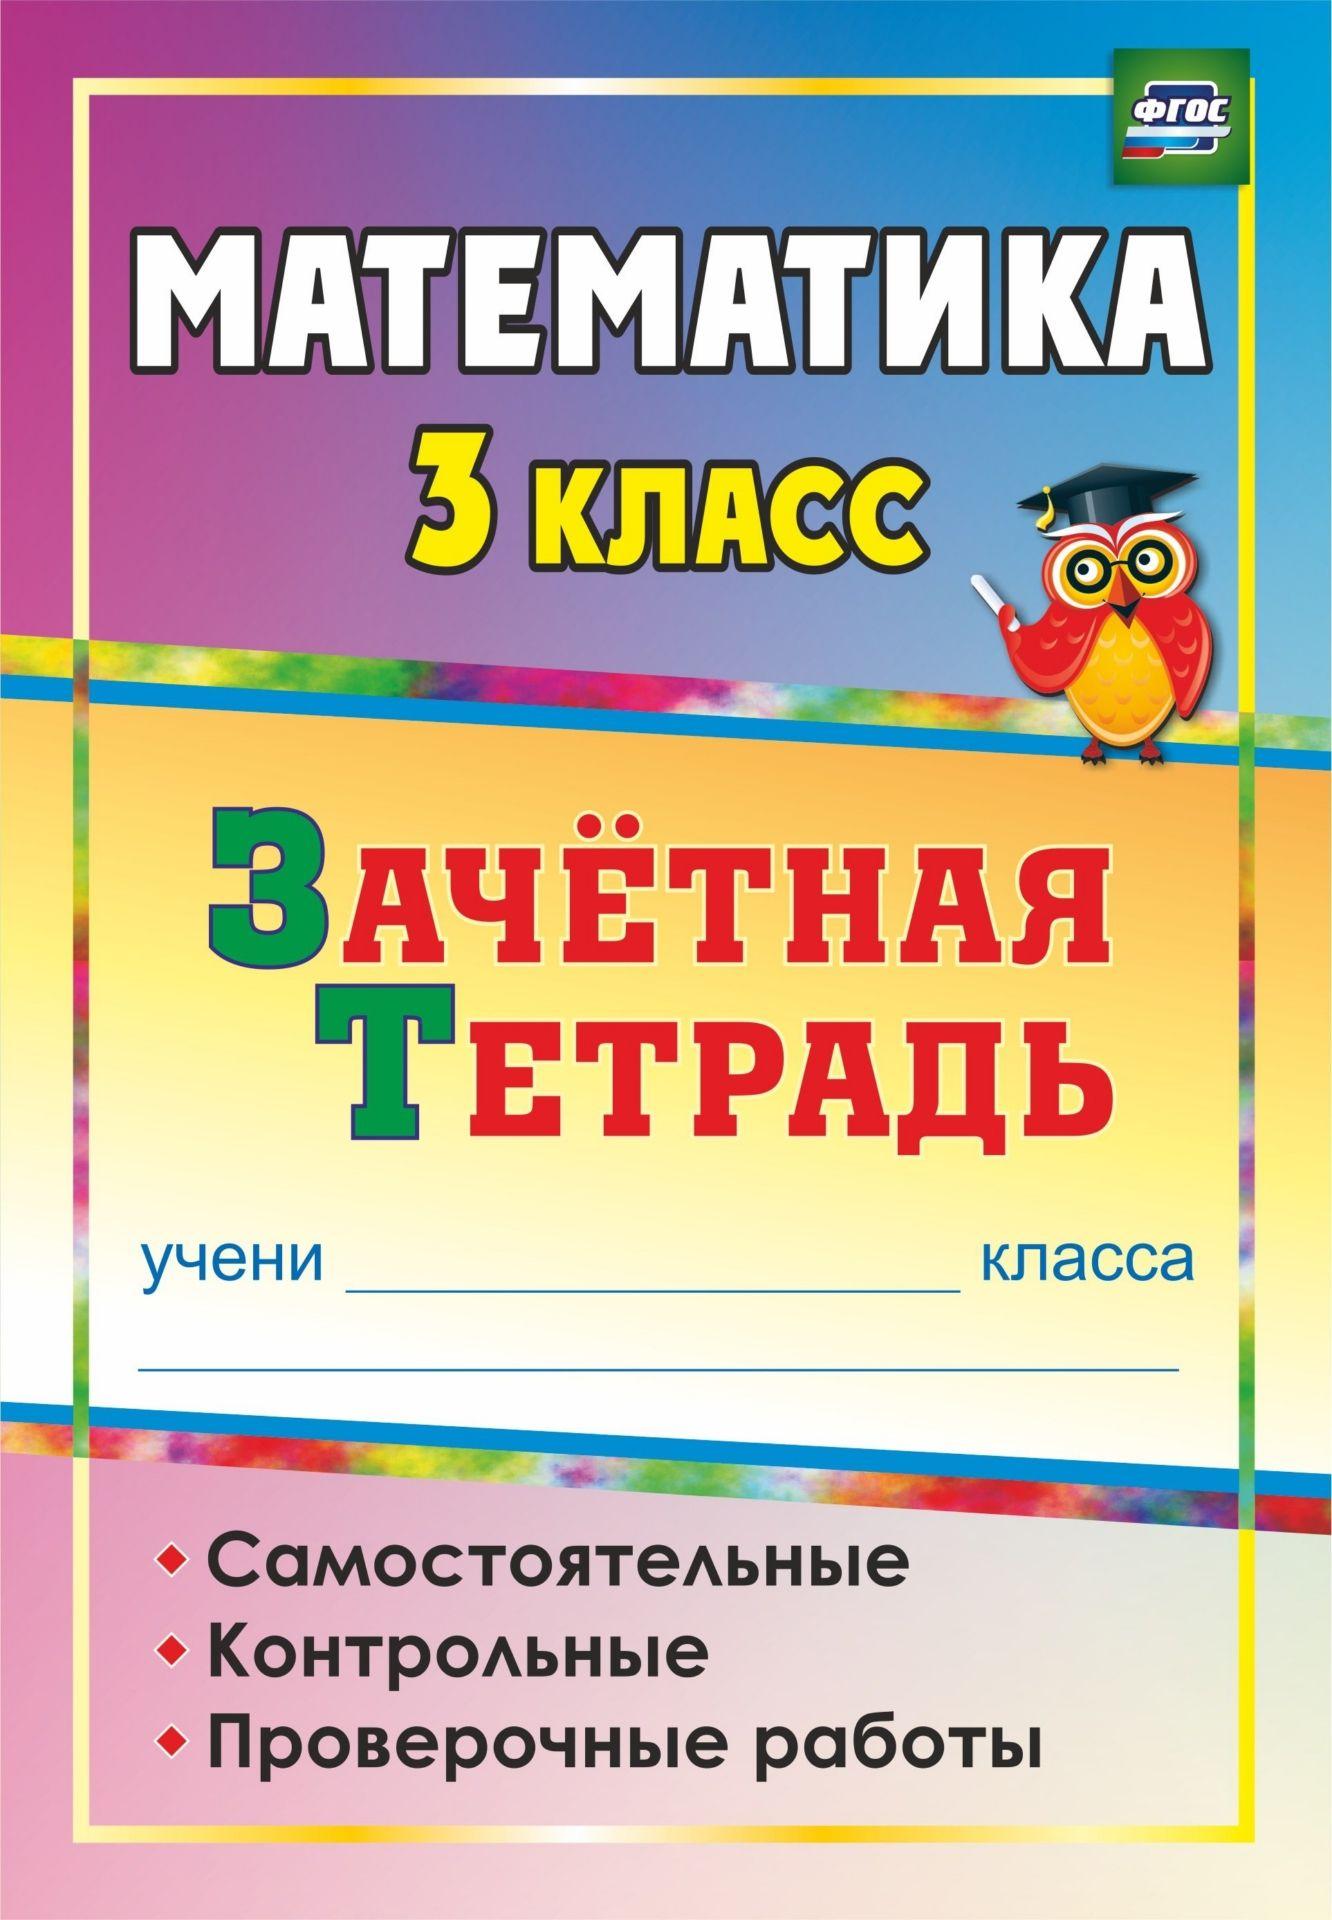 Купить со скидкой Математика. 3 класс: самостоятельные, контрольные, проверочные работы: зачетная тетрадь